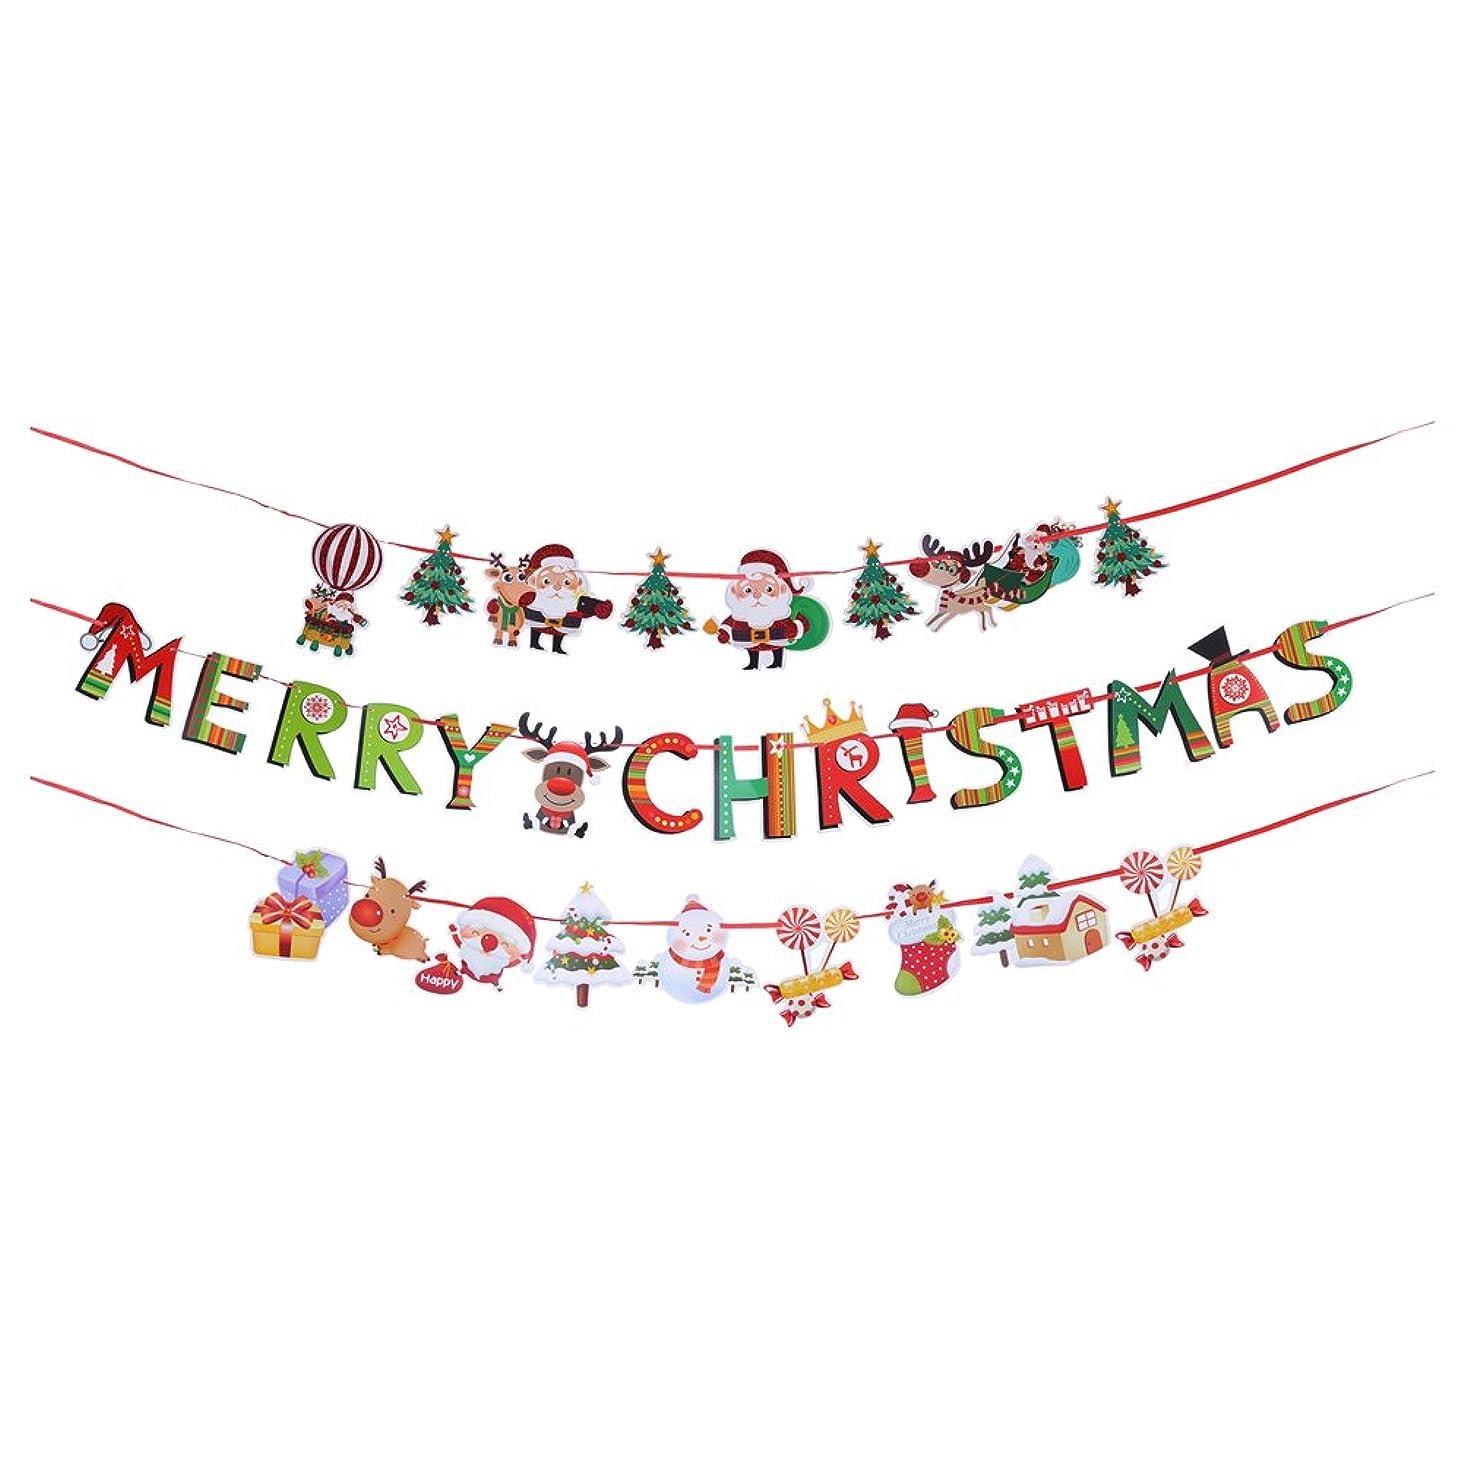 詐欺ご飯タヒチCCINEE クリスマス飾り付け 飾り 装飾 壁飾り インテリア ガーランド デコレーション クリスマスツリー 祭り 学園祭イベント パーティー 店舗 ショップ 装飾 xmas デコレーション ツリー パーティー オーナメント 雑貨 クリスマス お歳暮ギフト インテリア (037)